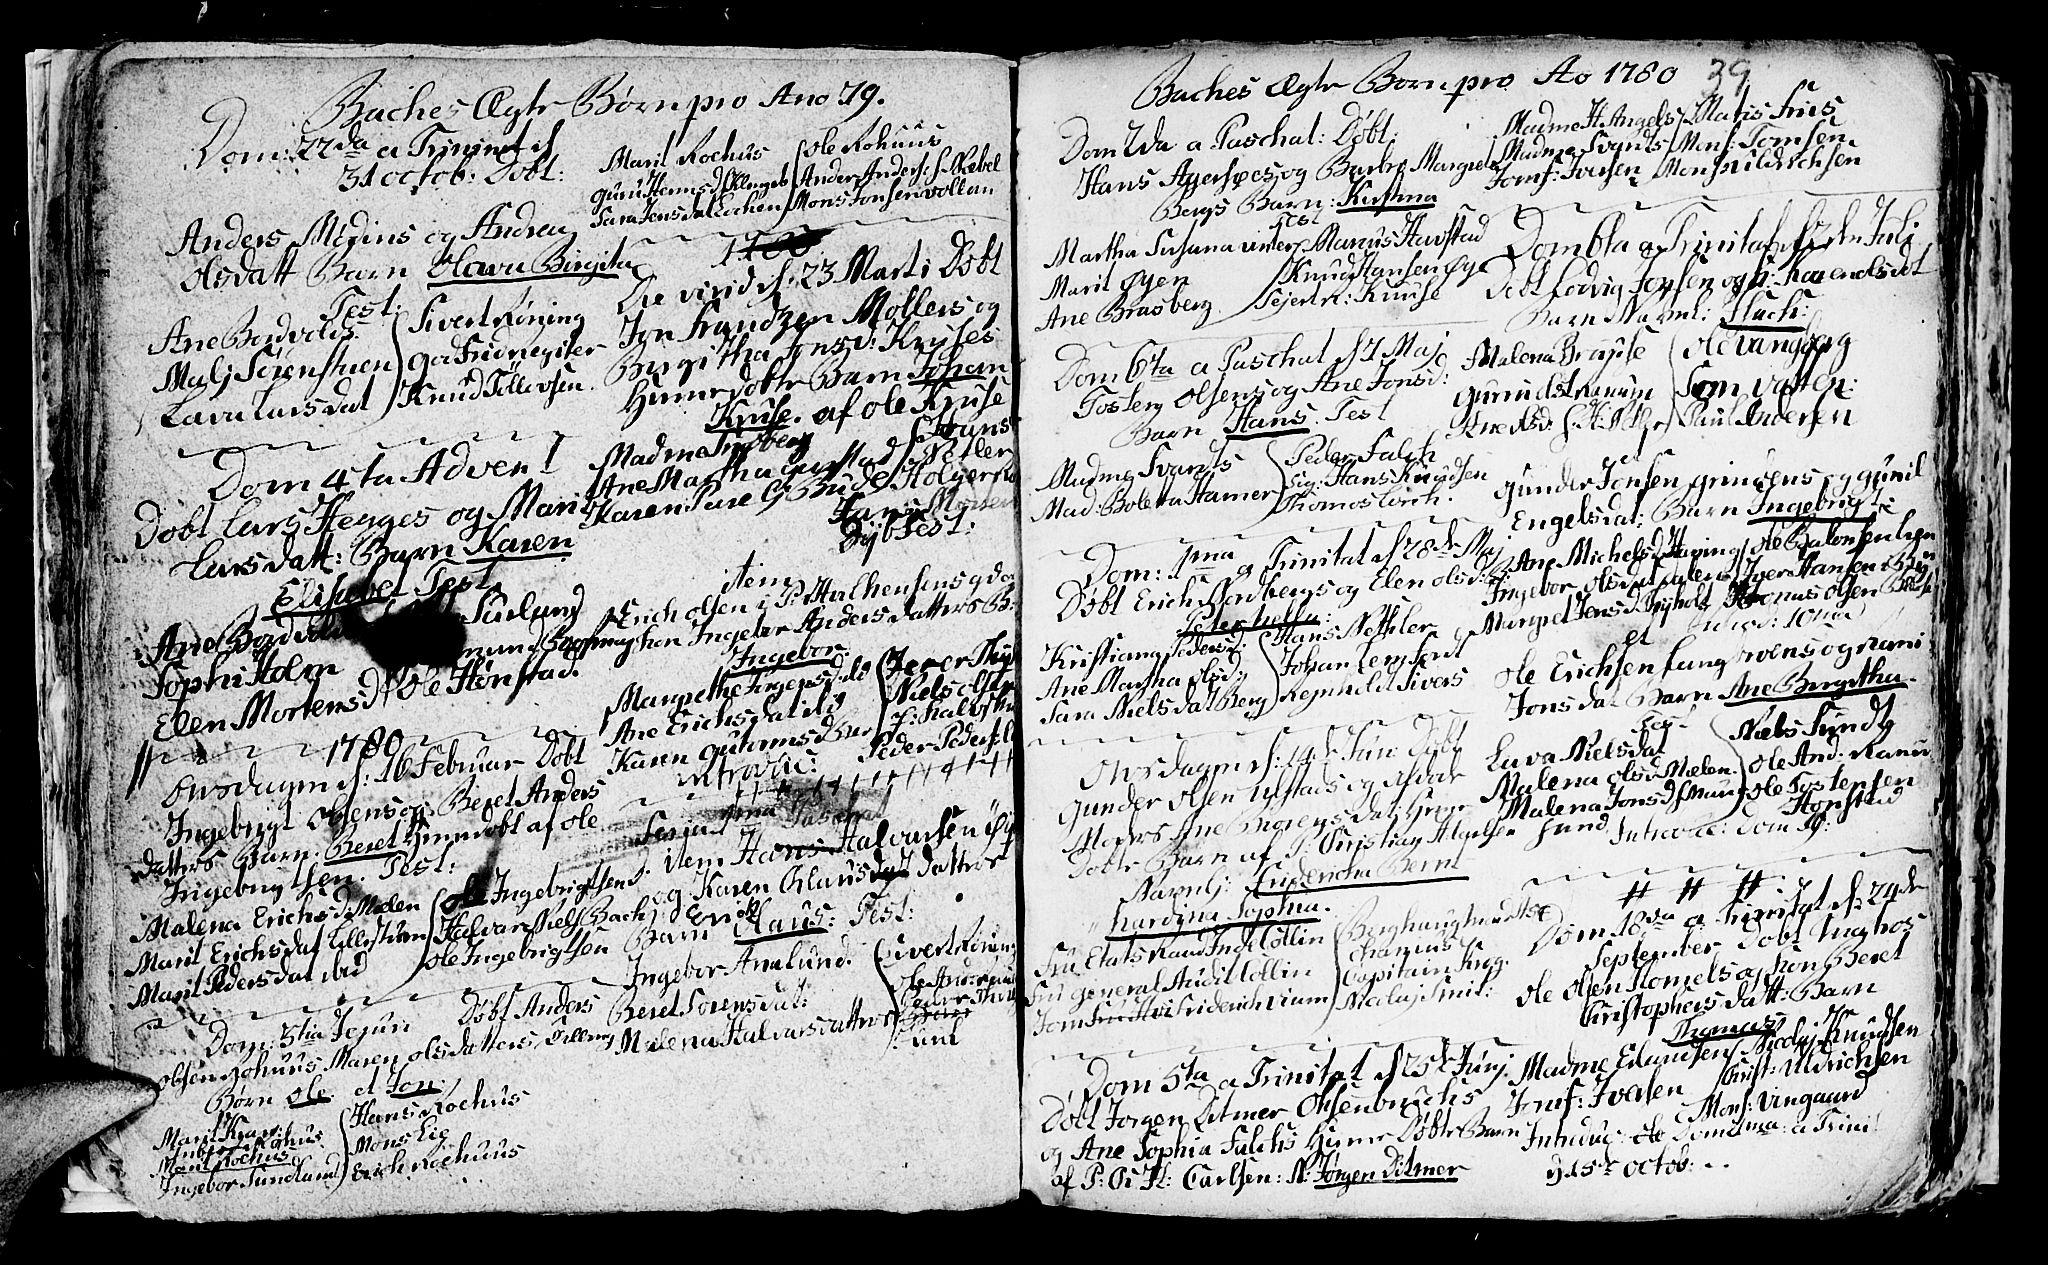 SAT, Ministerialprotokoller, klokkerbøker og fødselsregistre - Sør-Trøndelag, 604/L0218: Klokkerbok nr. 604C01, 1754-1819, s. 39